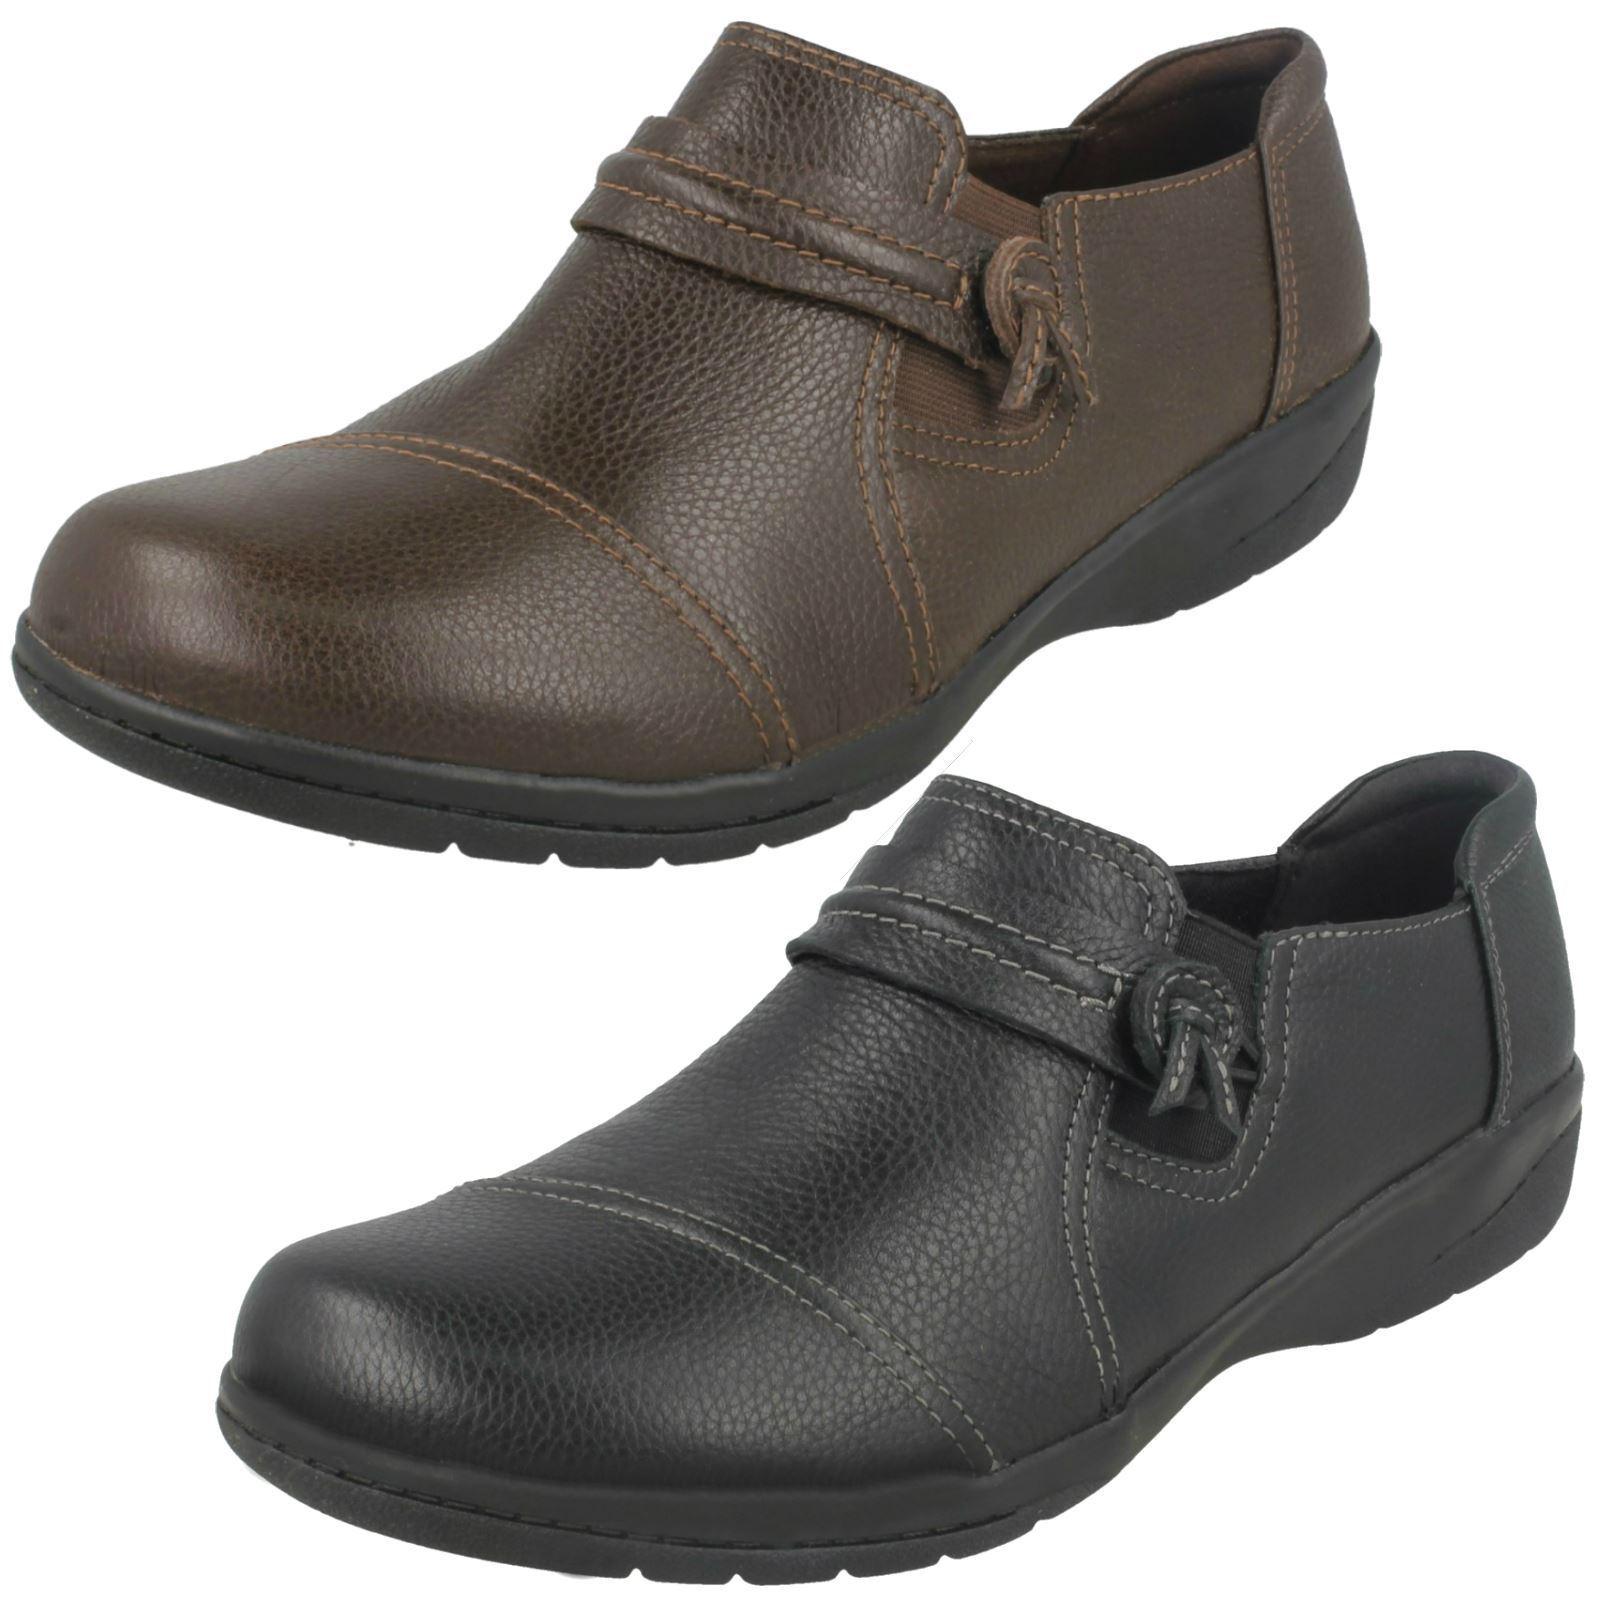 Zapatos casuales salvajes Descuento por tiempo limitado Ladies Clarks Slip On Smart Flats Cheyn Madi